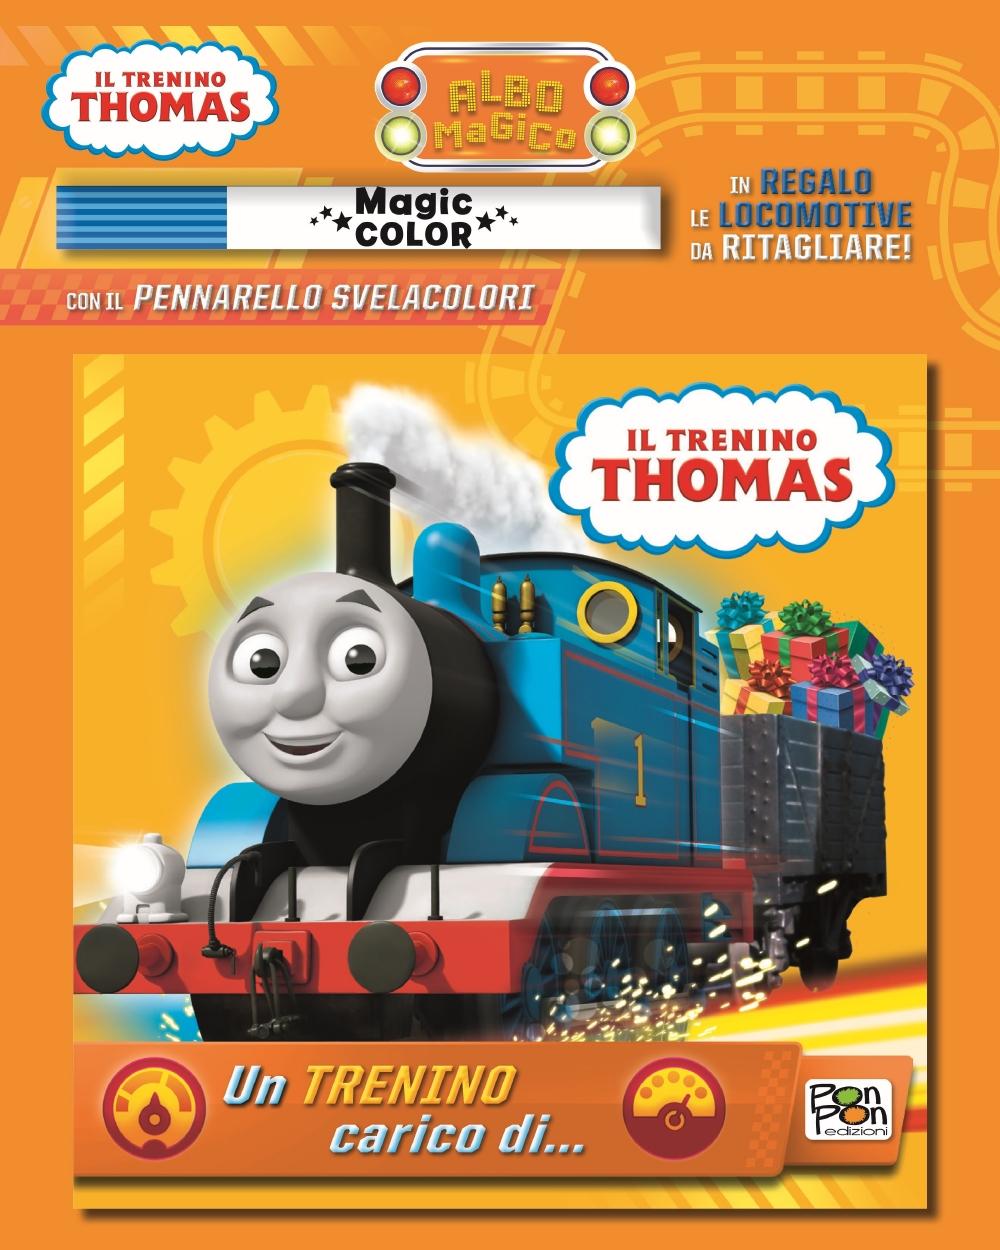 Albo Magico Trenino Thomas - Un trenino carico di...